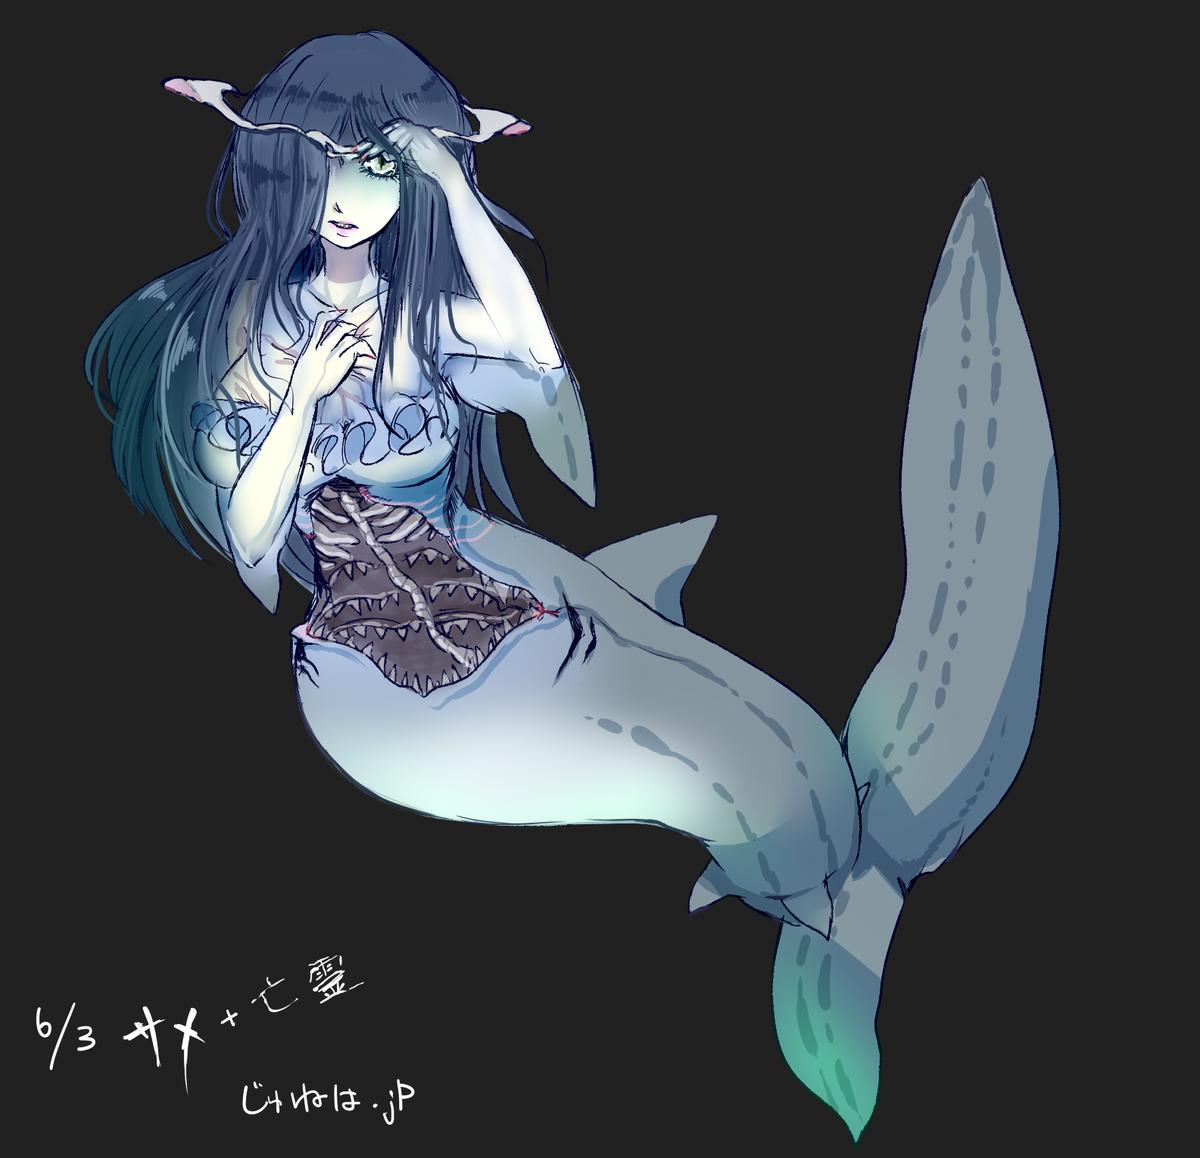 【お題:亡霊】【お題:鮫】 彼女は深海の寂しさに耐えかね、あなたをみつめる #海洋版真剣お絵描き60分一本勝負 http://t.co/6ObG438A5f